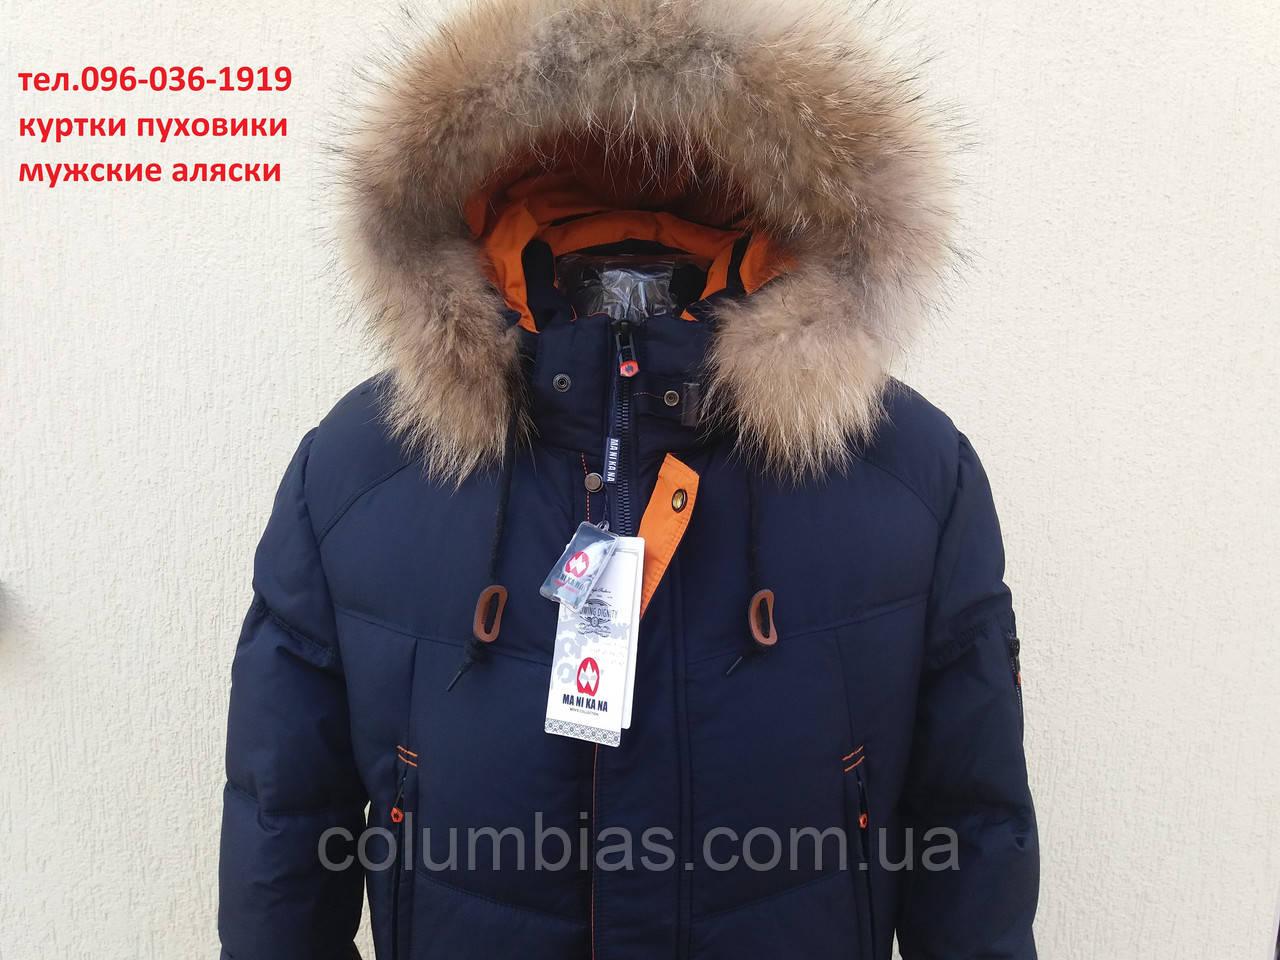 1668ad852fcd Зимняя длинная мужская куртка - Весь ассортимент в наличии, звоните в любое  время т.